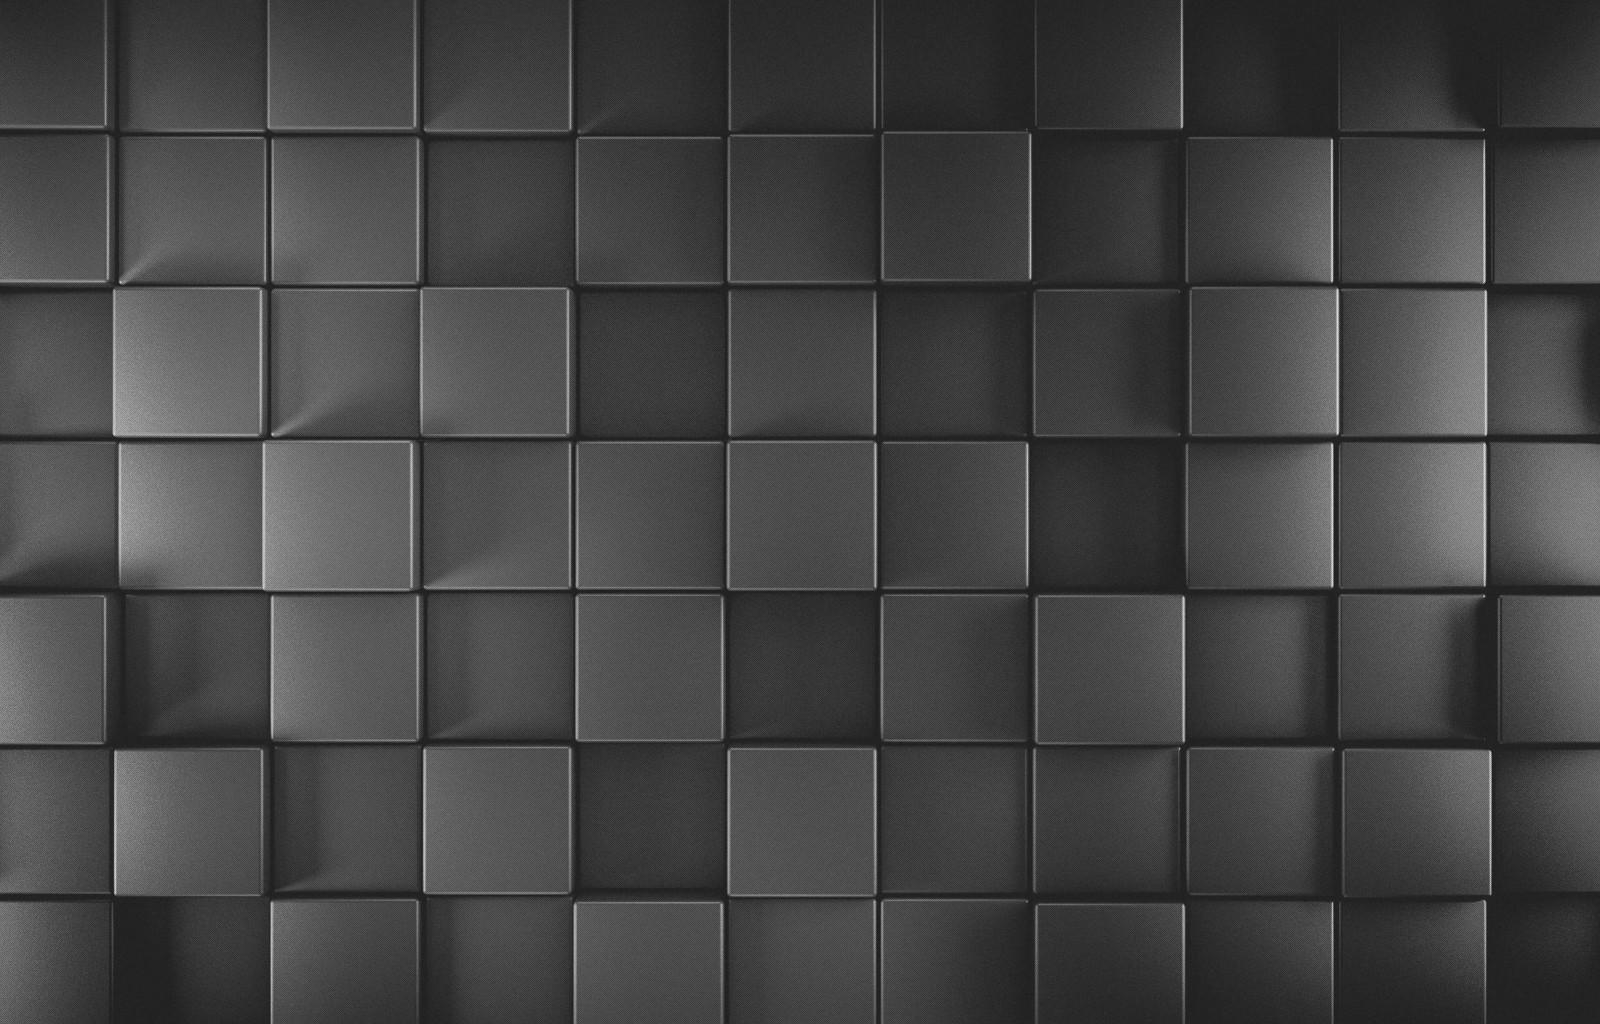 Fondos De Pantalla Monocromo Abstracto Pared Simetr 237 A